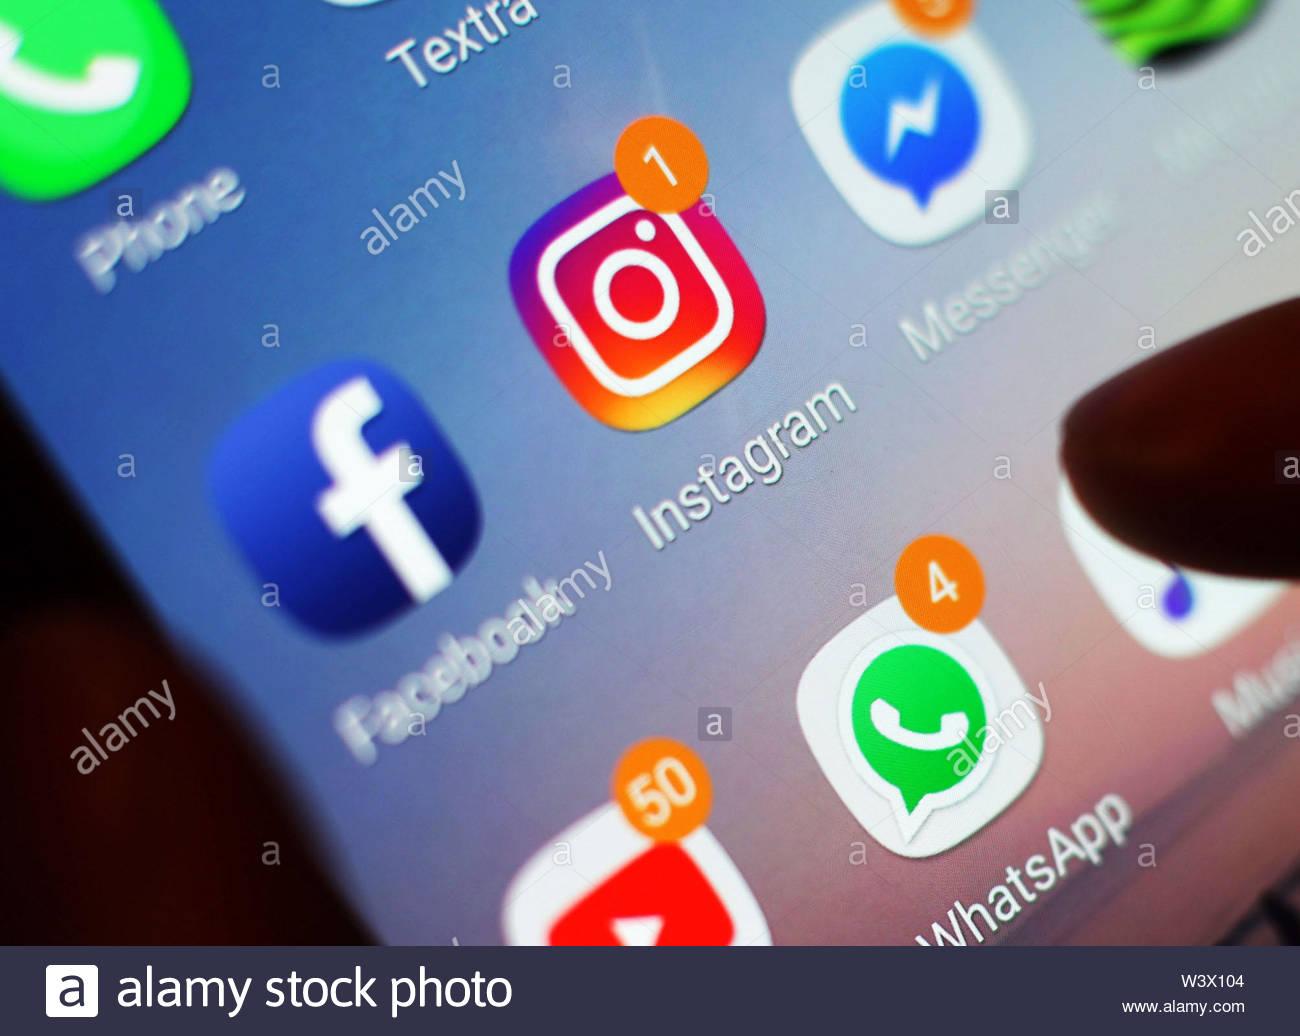 """Fichier non datée de l'icône de photo Instagram affichées sur un écran de téléphone mobile. Instagram a commencé à se cacher et aime video views dans le cadre d'un essai visant à éliminer """"la pression"""" et déplacer l'accent à """"partager les choses' ses utilisateurs apprécient. Photo Stock"""